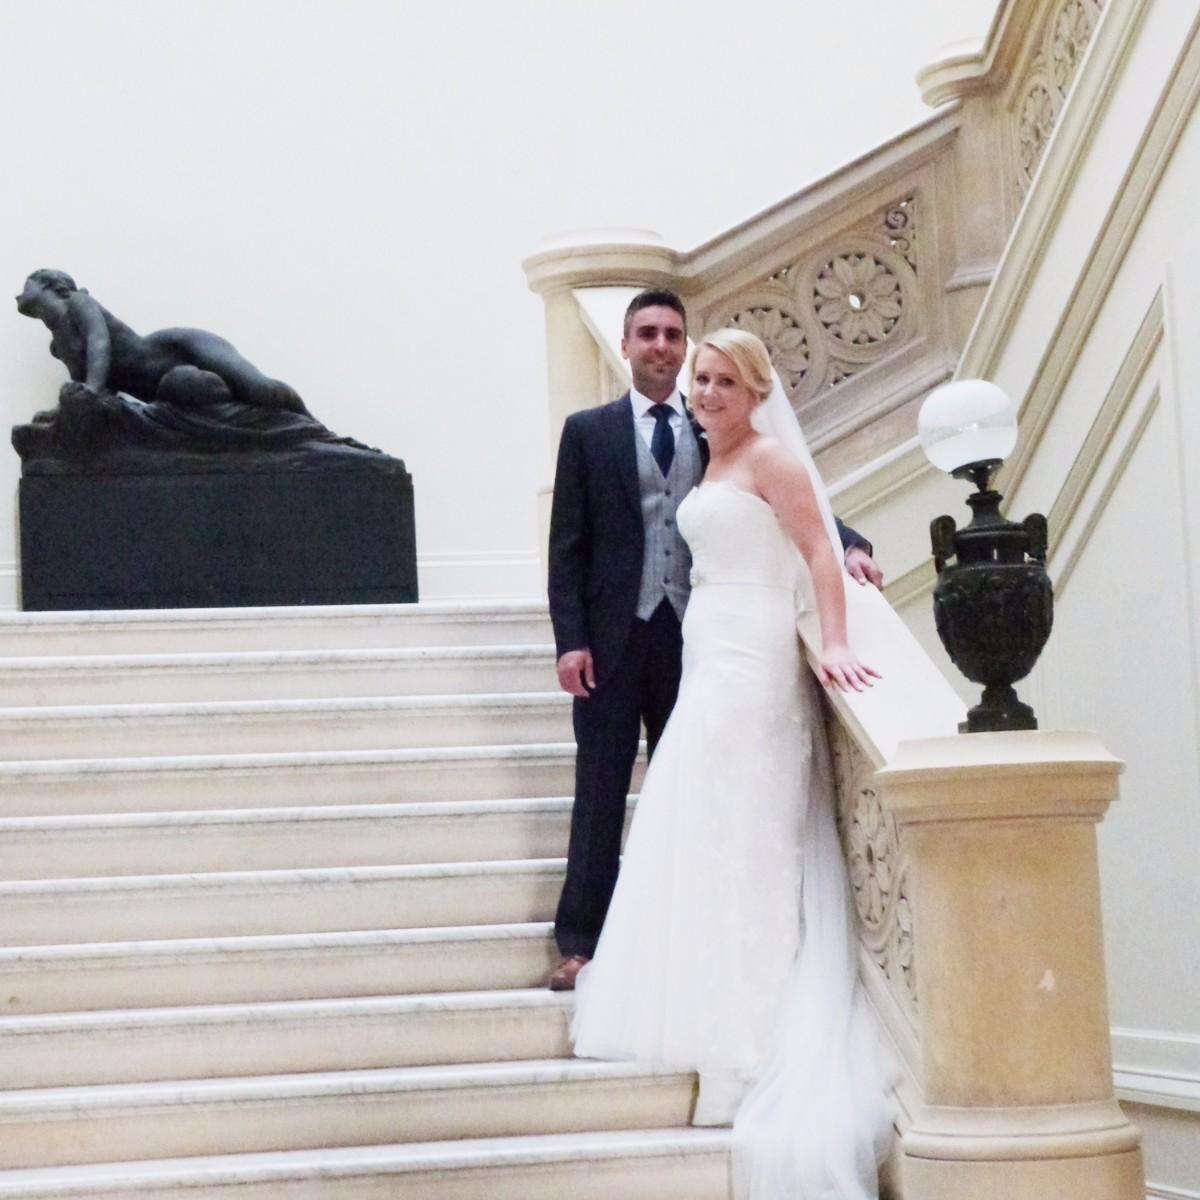 Bride-Groom-on-Stairs